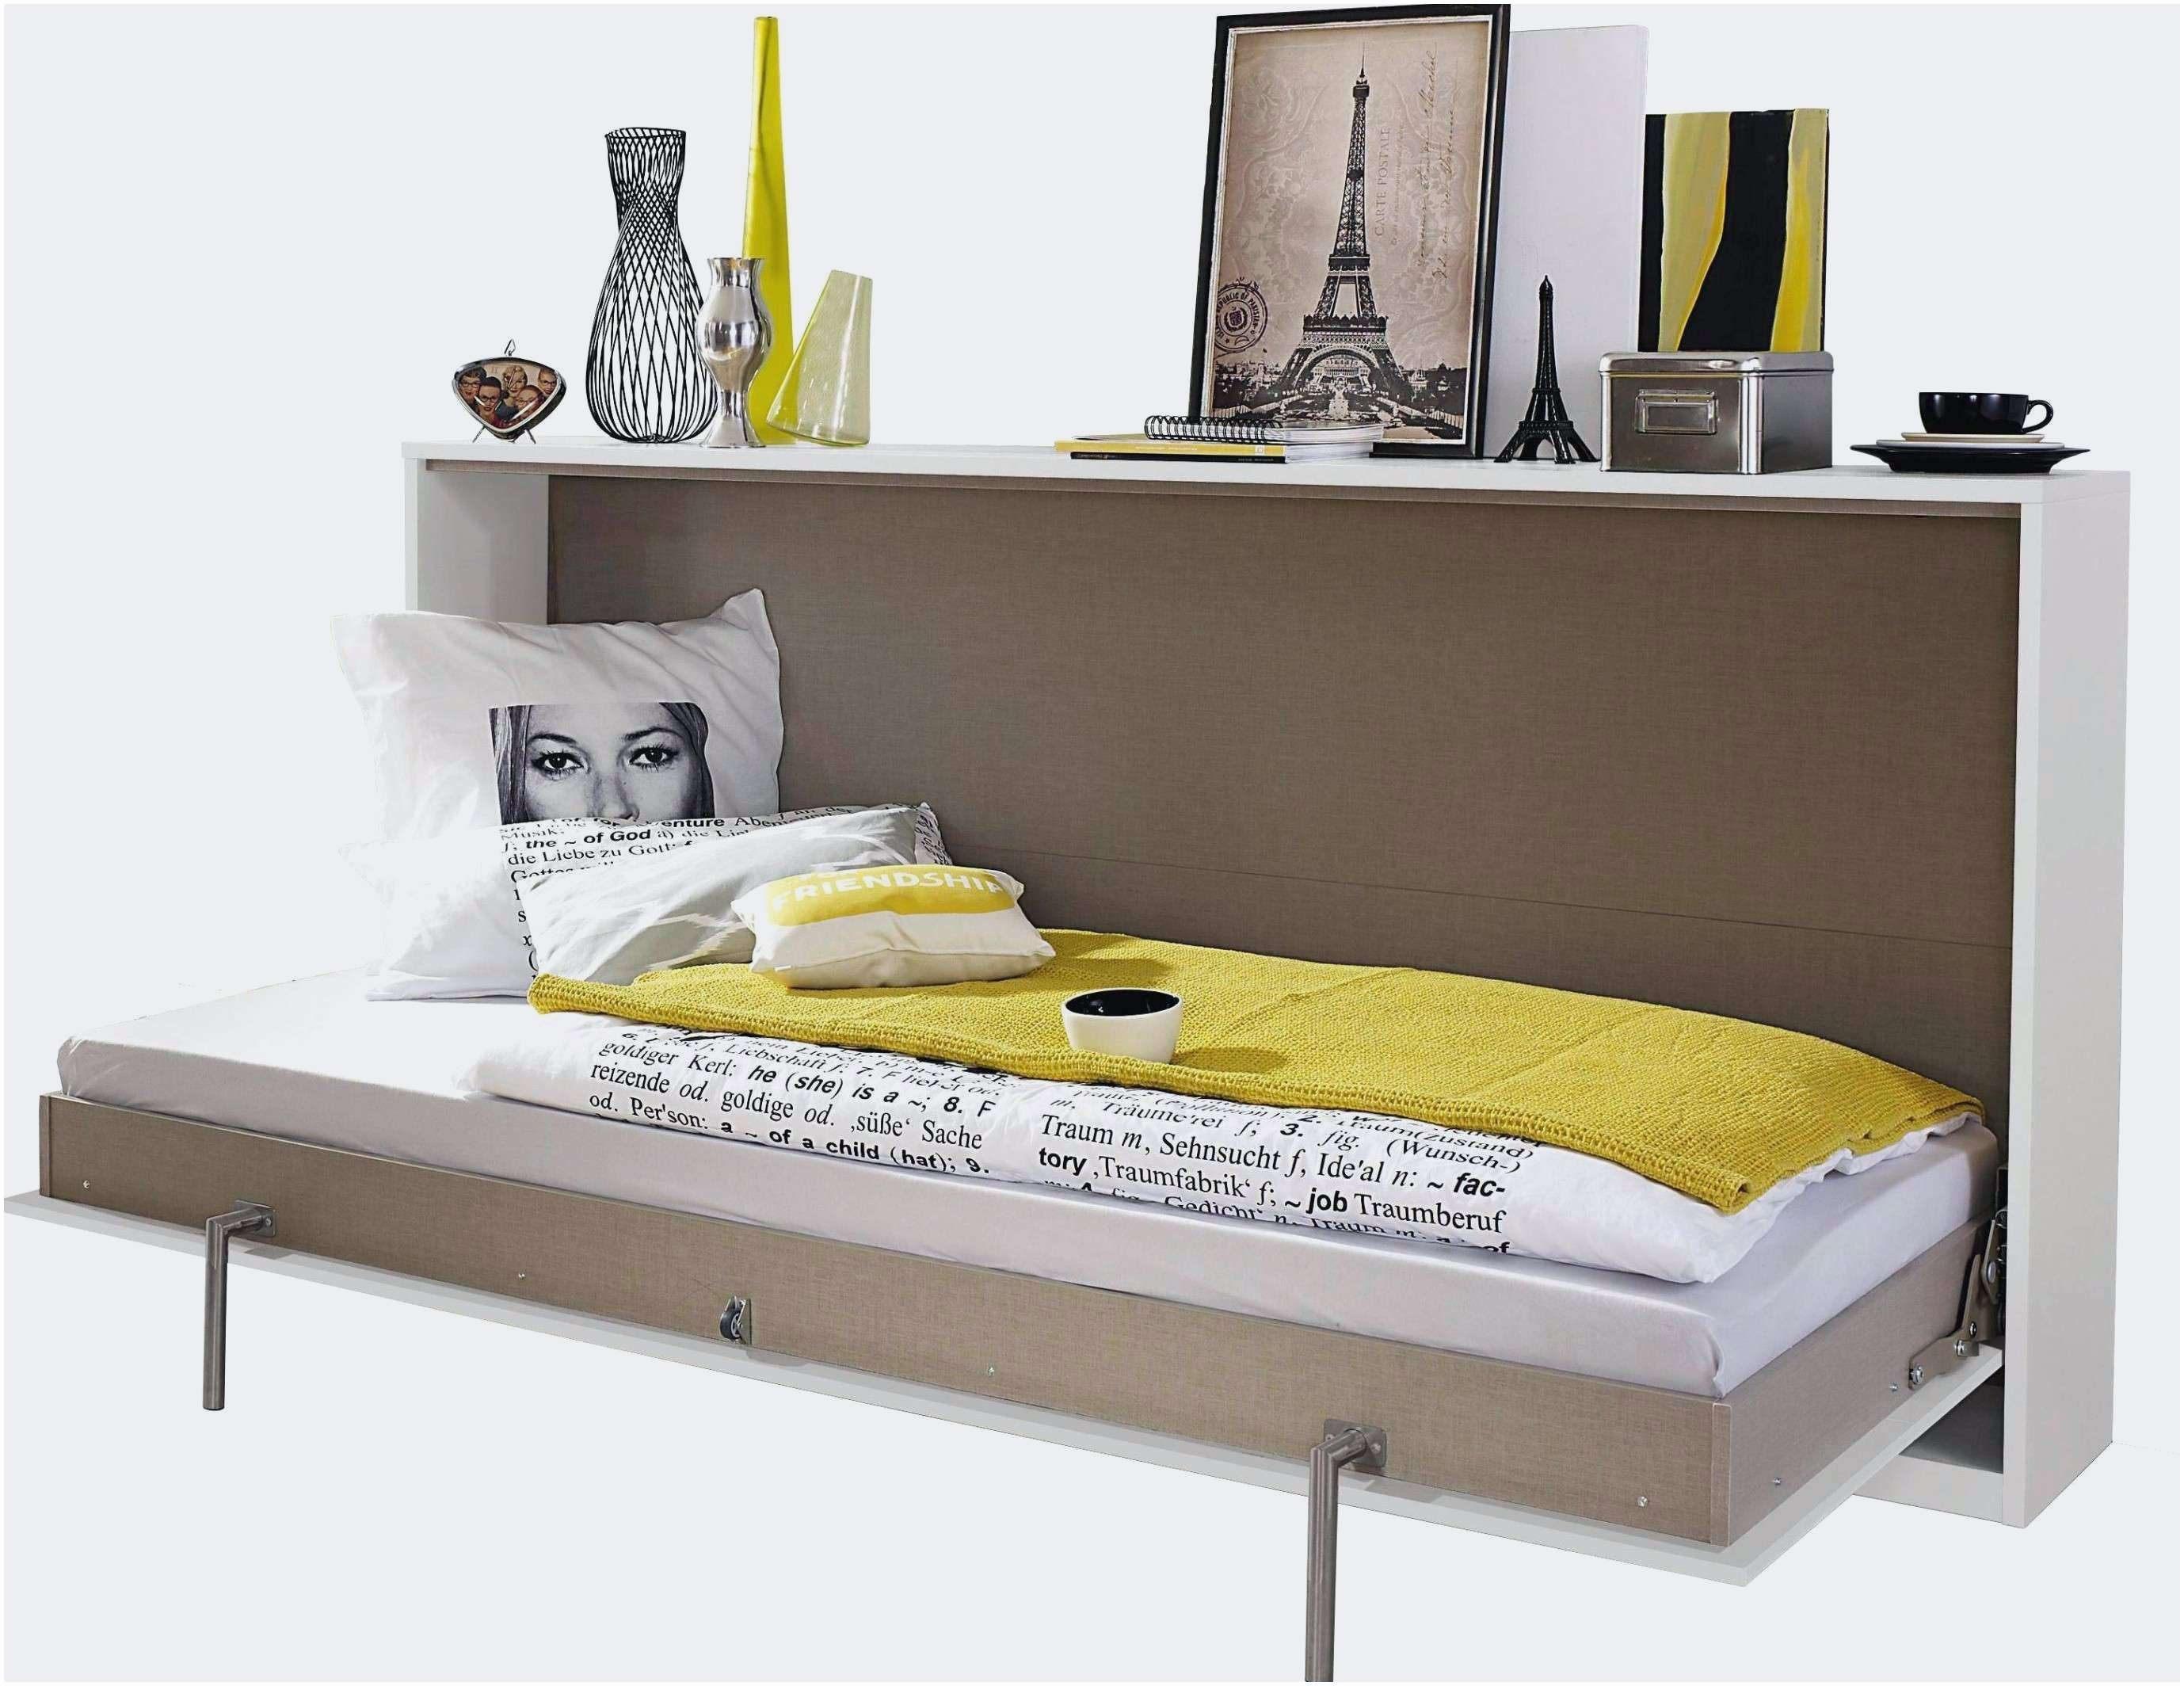 Lit Gigogne Canapé Luxe Inspiré Canape Lit Gigogne Ikea Matelas Banquette Ikea